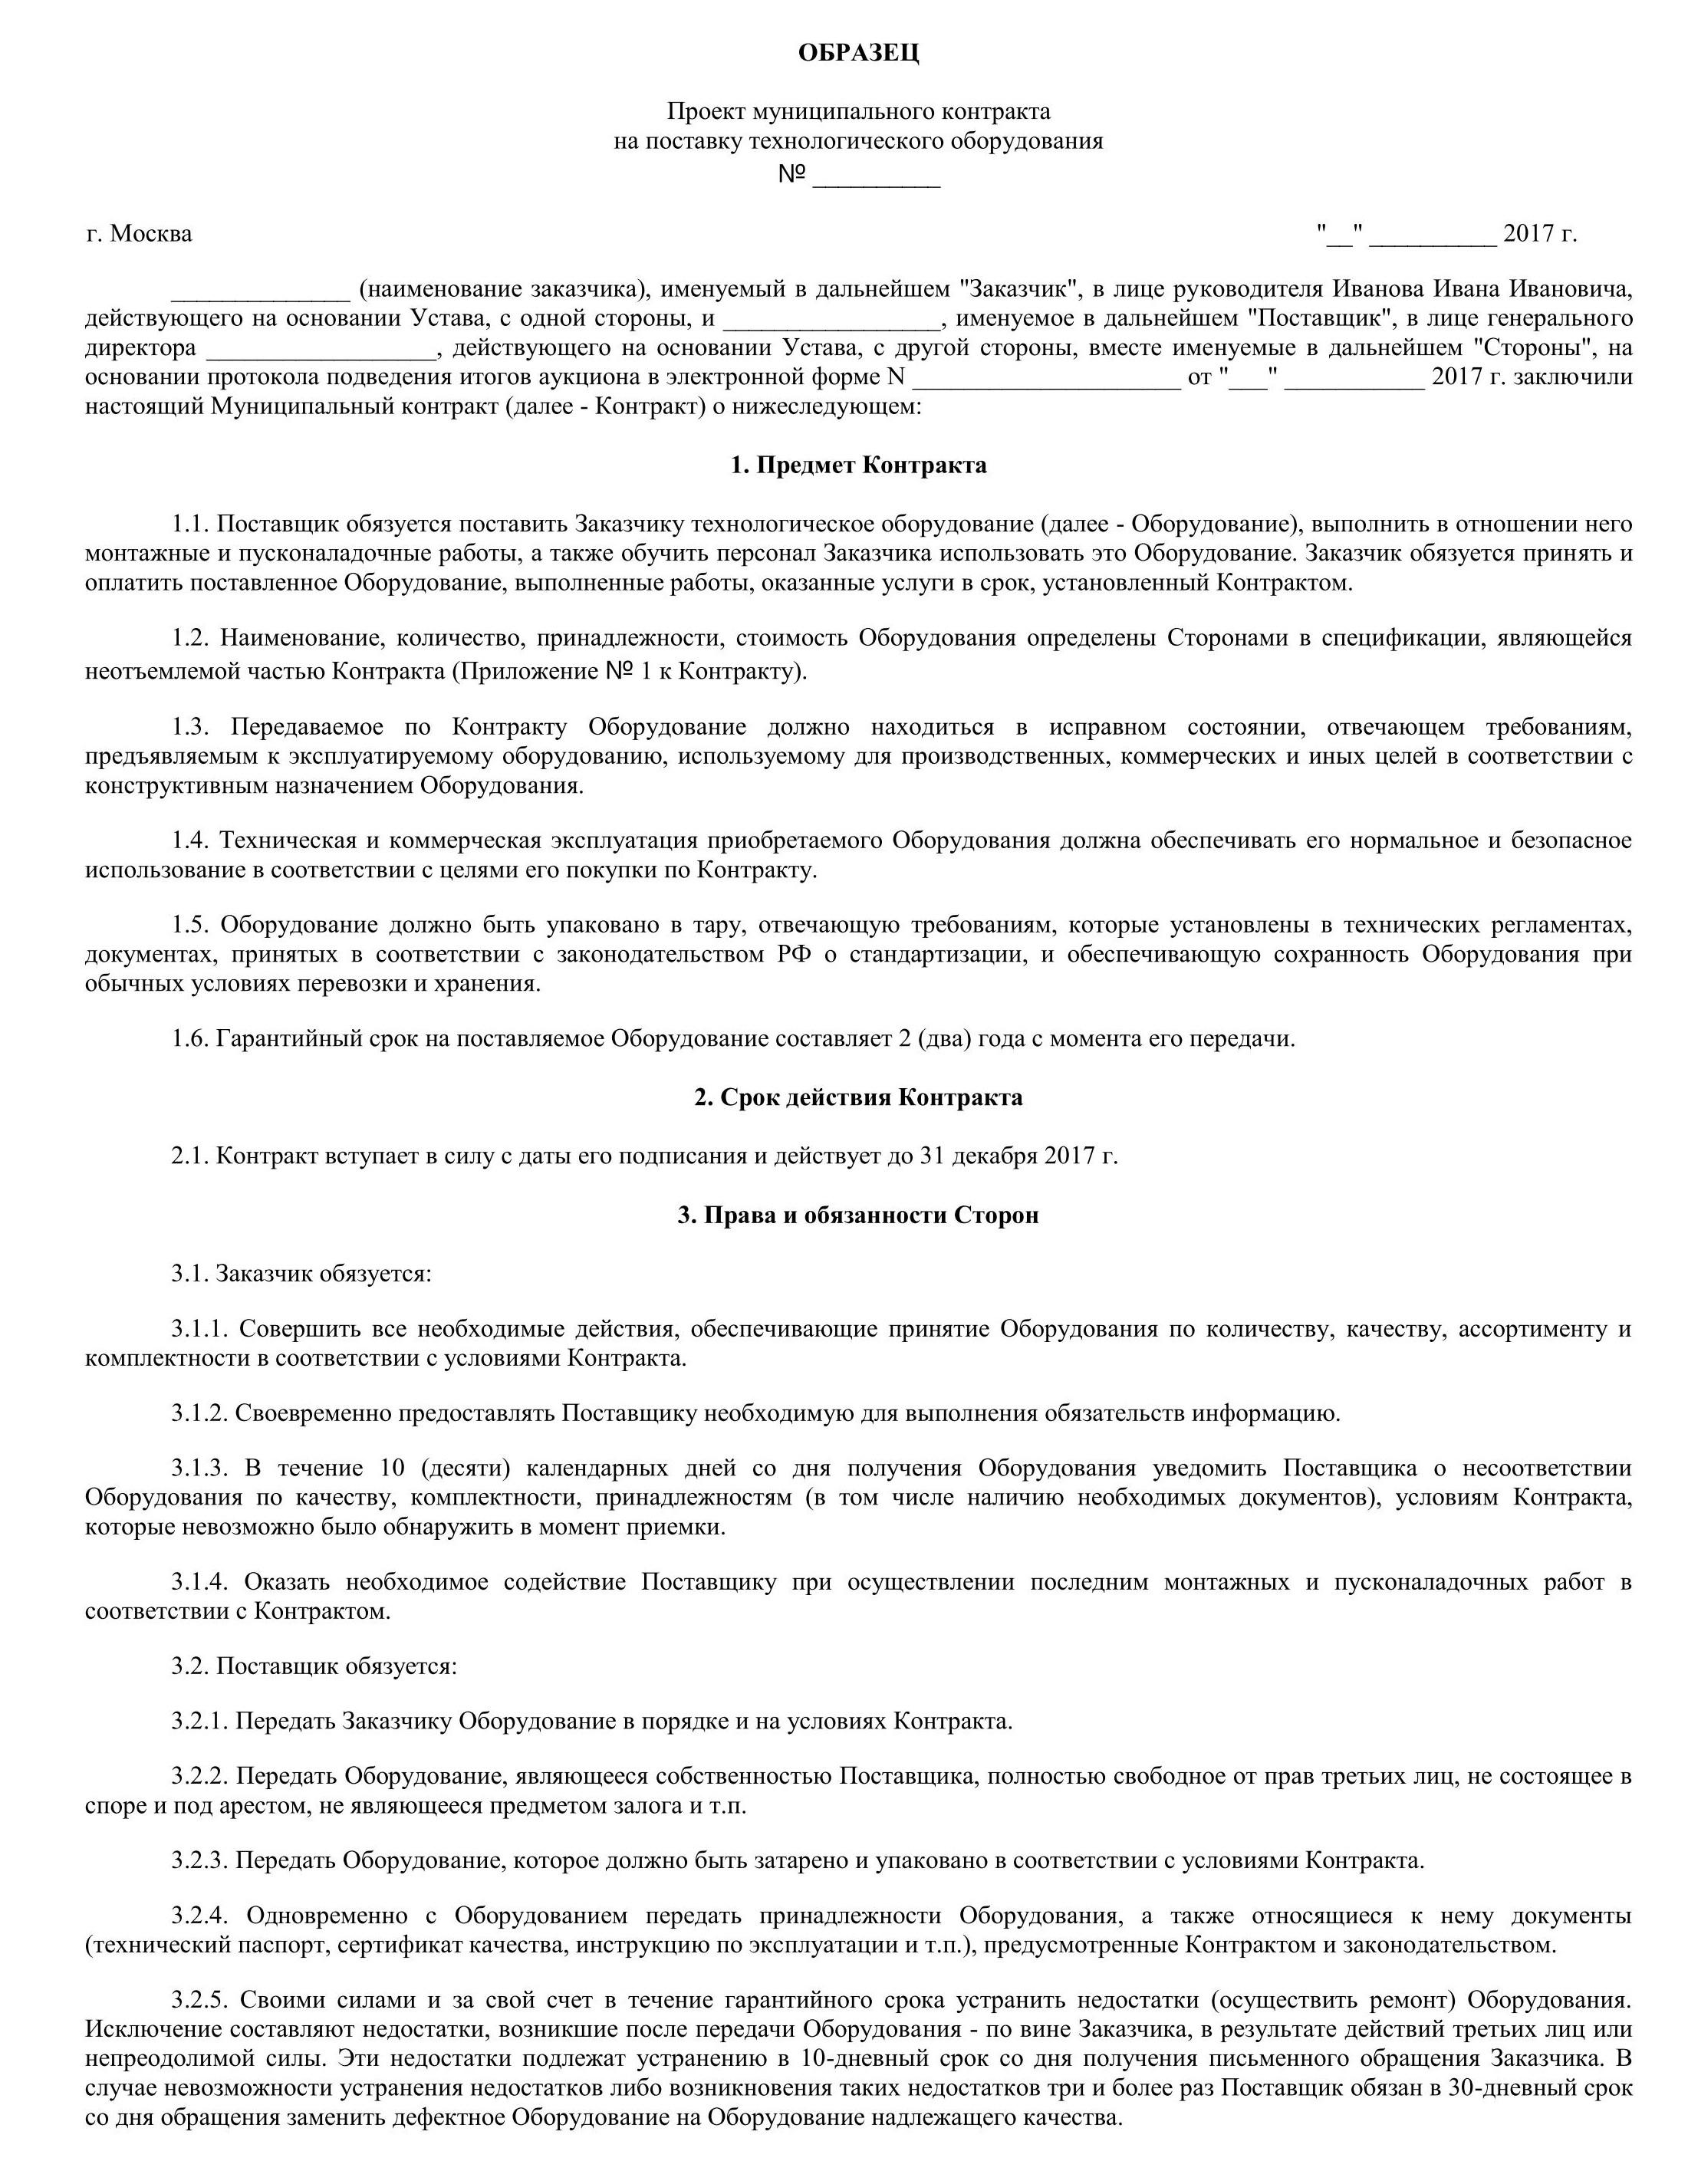 Изображение - Закупка у физического лица юридическим лицом pokupka-u-fizicheskogo-lica_2_1